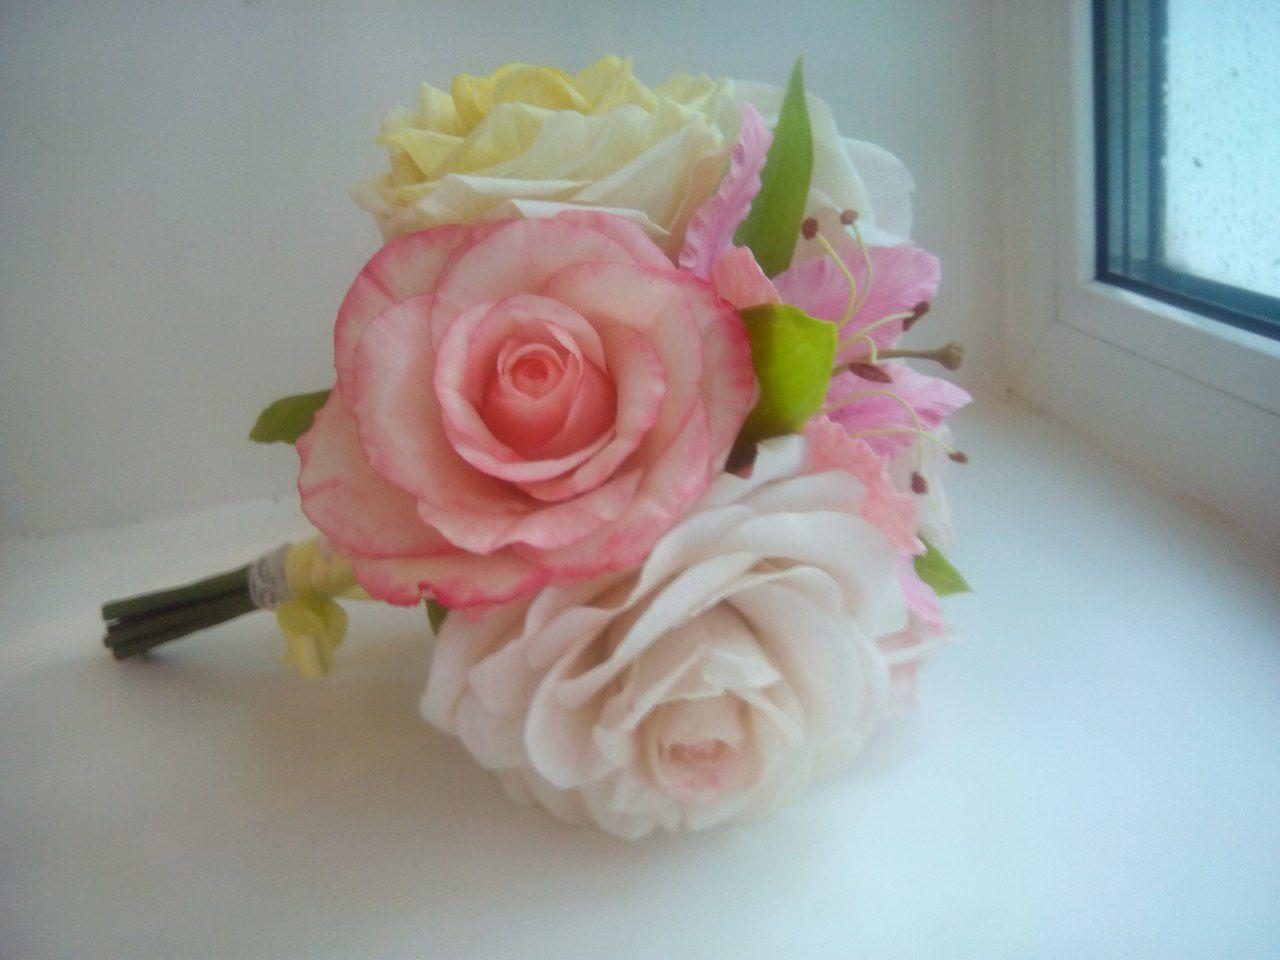 бутоньерка венчание свадьба невесты невеста праздник для букет свадебный жених